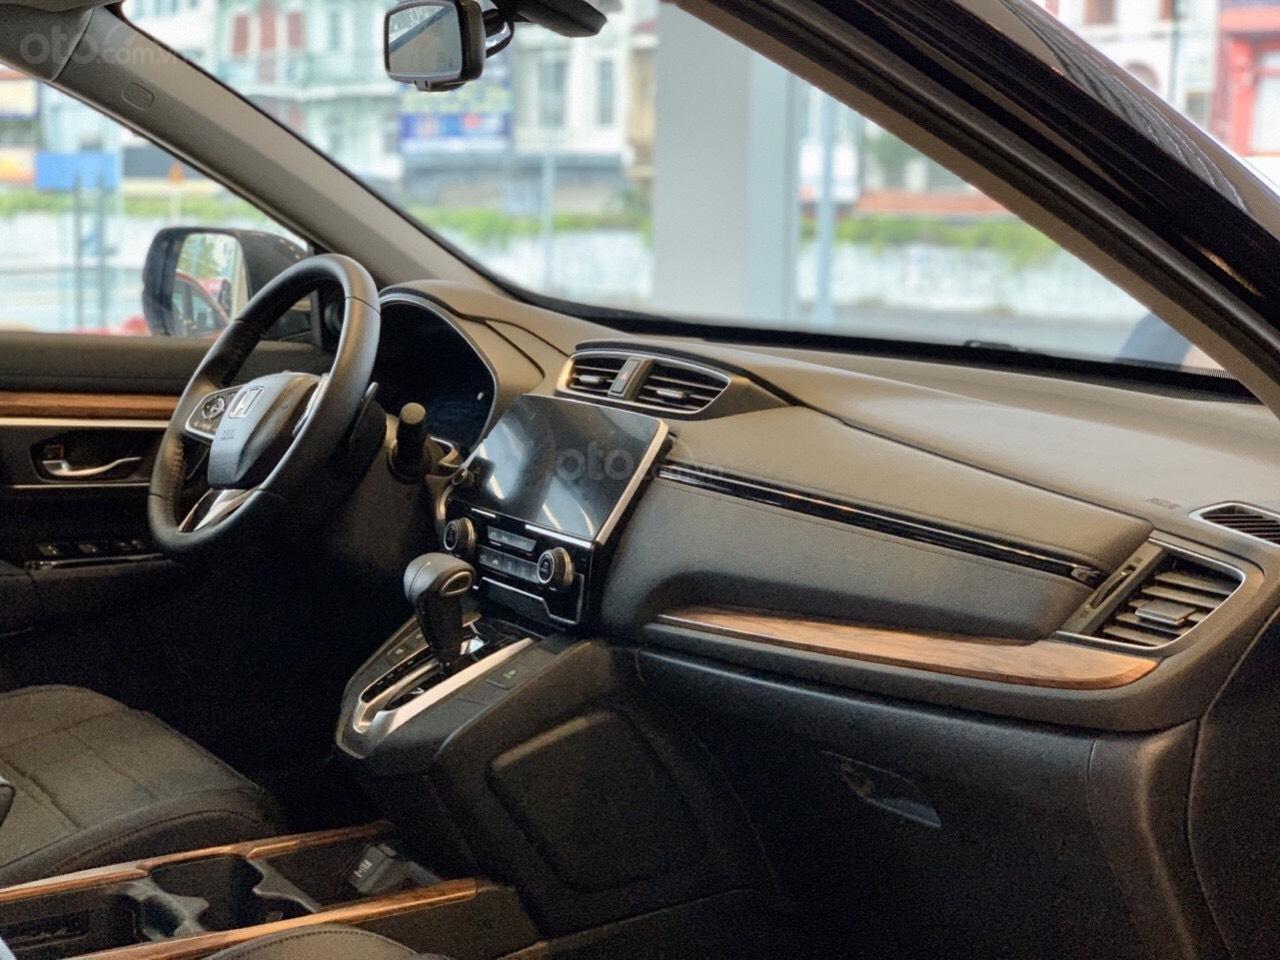 Siêu khuyến mãi Honda Civic 2020 nhập khẩu, khuyến mại 80 triệu tiền mặt, phụ kiện (4)